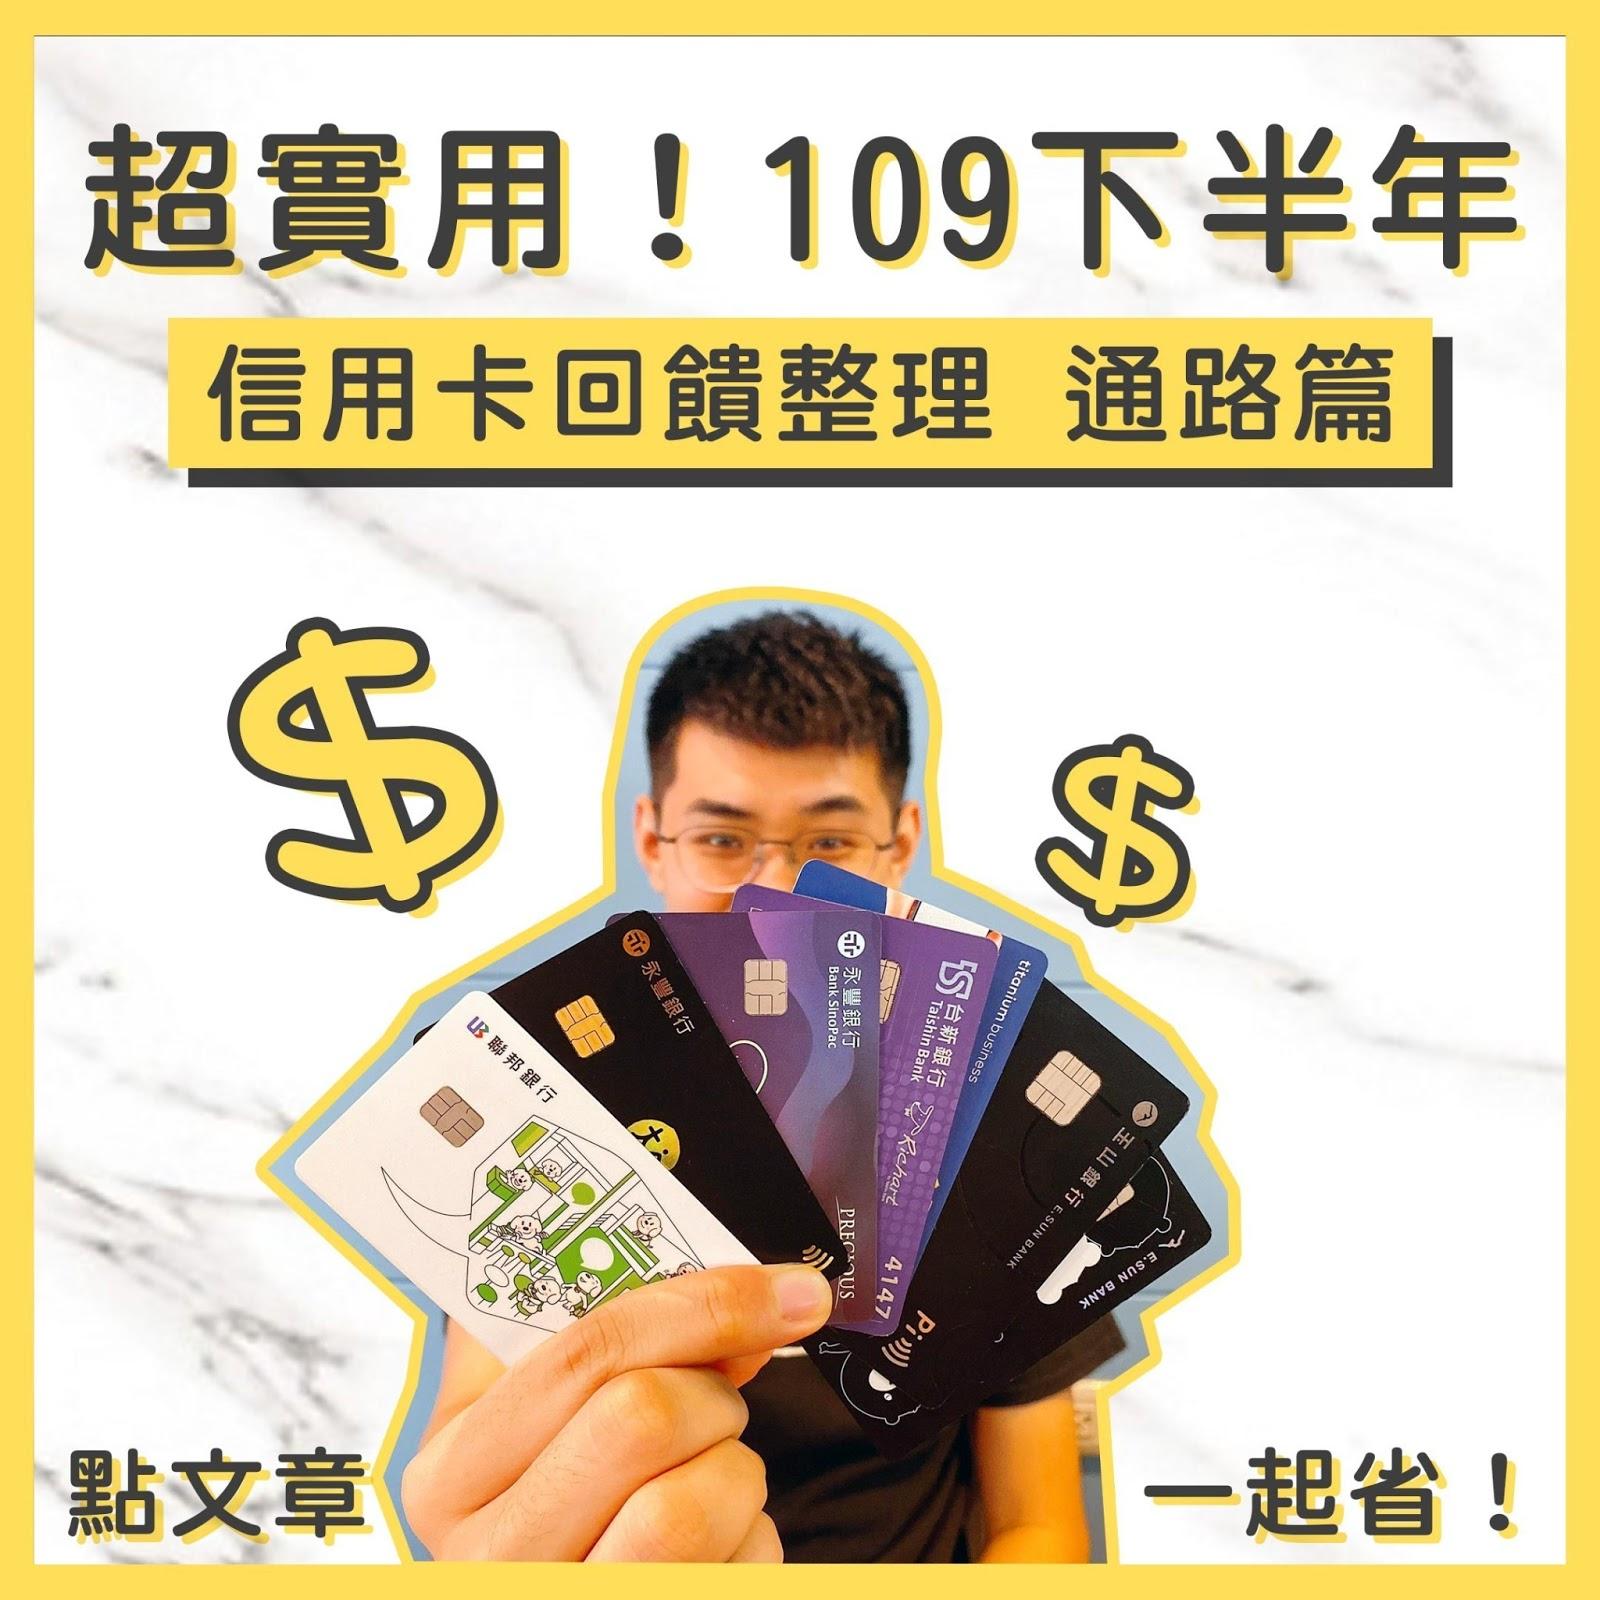 【超實用】109下半年信用卡回饋整理-通路篇|各銀行信用卡下半年回饋出爐、刷卡前必看高額回饋統整(持續更新)